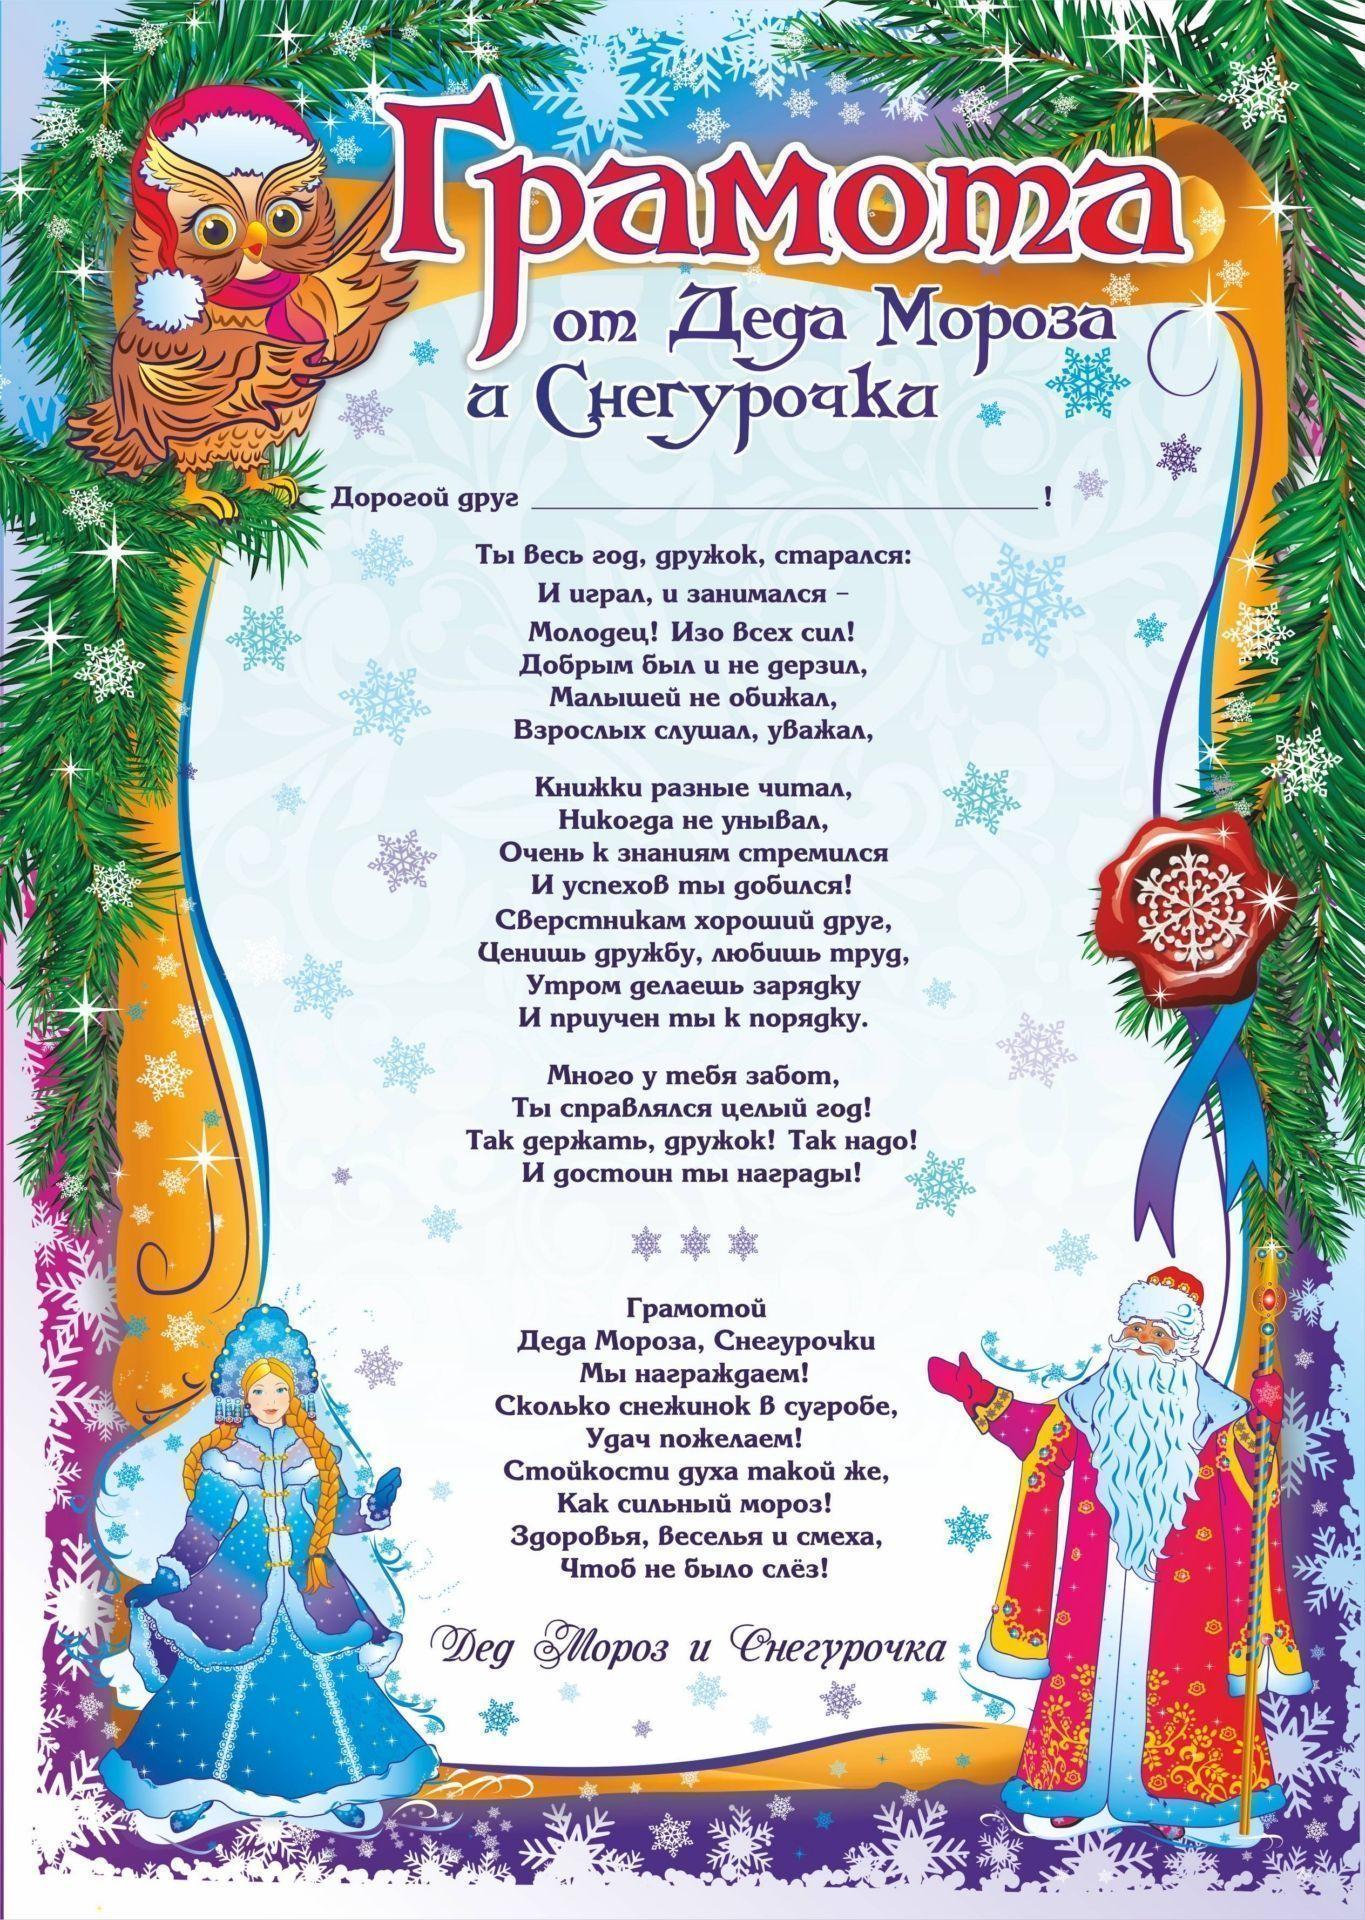 Грамота от Деда Мороза и СнегурочкиК праздникам и мероприятиям<br>Материалы:на обложку - бумага мелованная, пл. 250.00;на обложку - картон мелованный, пл. 250.00.<br><br>Год: 2017<br>Высота: 297<br>Ширина: 210